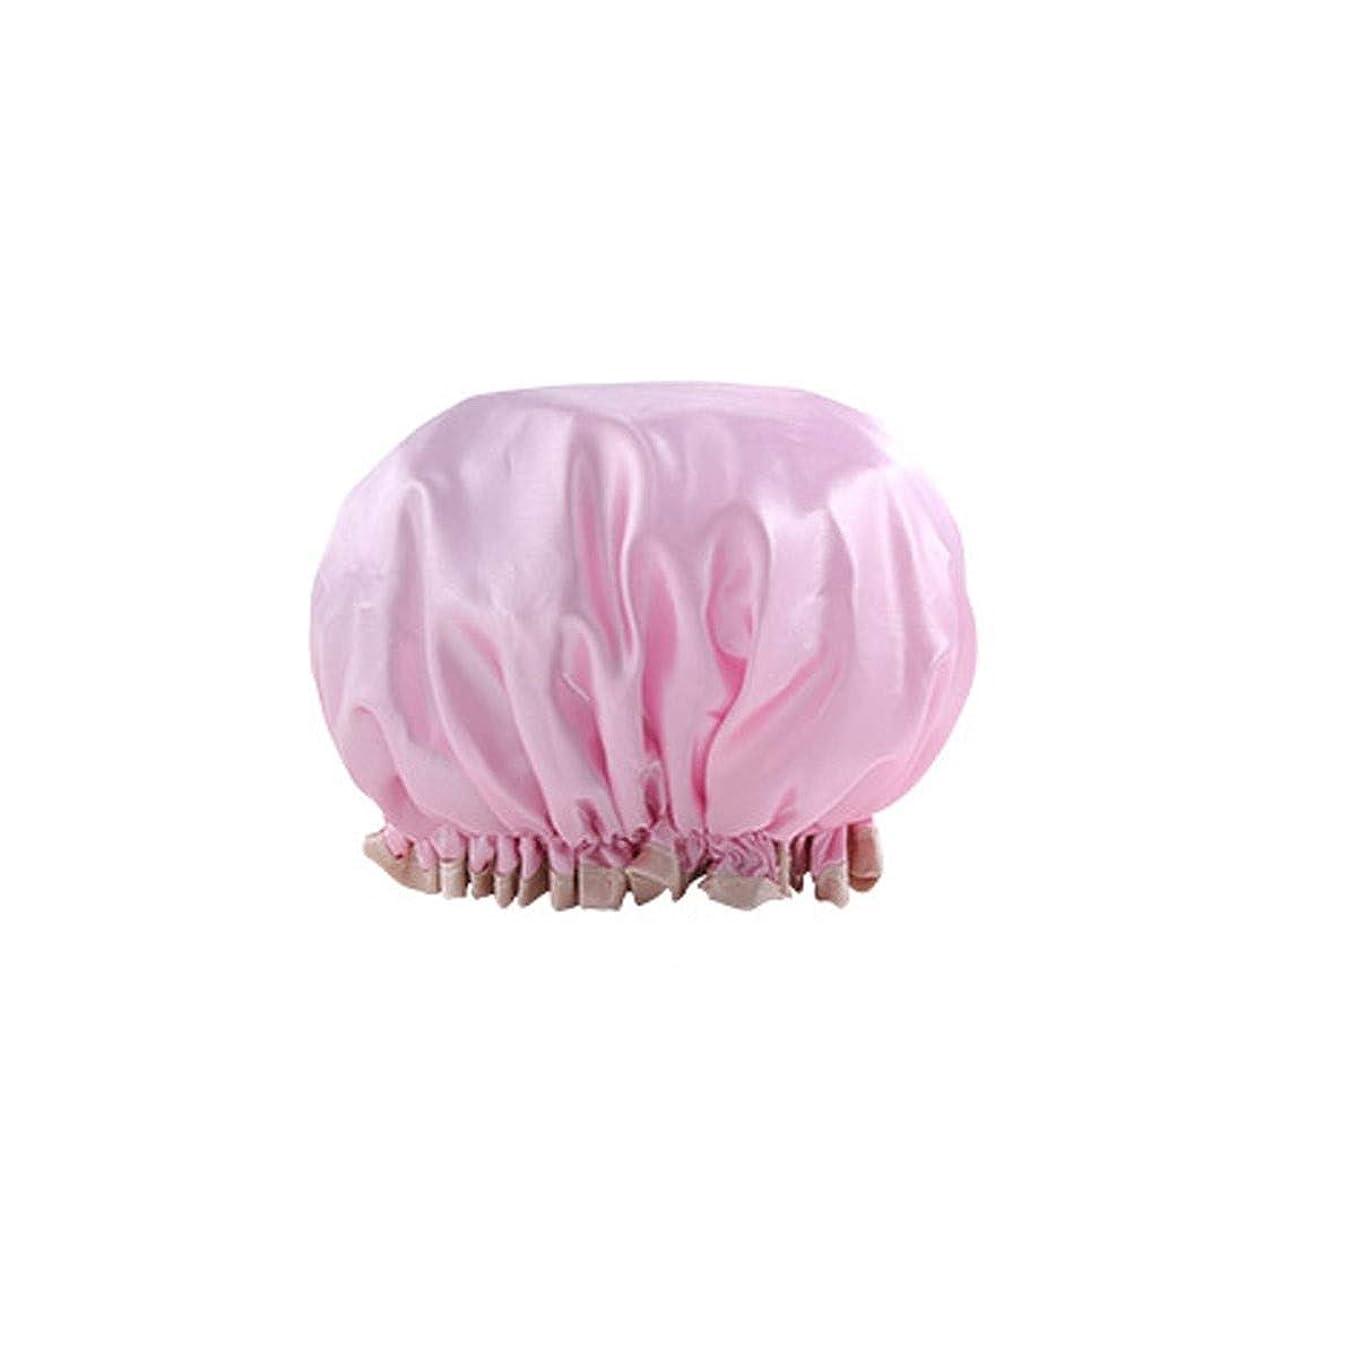 せがむポゴスティックジャンプ他の場所PFKE シャワーキャップ、二重の防水シャワーキャップ、大人の女性のシャワーヘアカバー、シャワーヘッドカバーシャワーヘアカバー、防曇ヘアキャップ、 シンプルで実用的な製品 (Color : Polka Dot Pink)